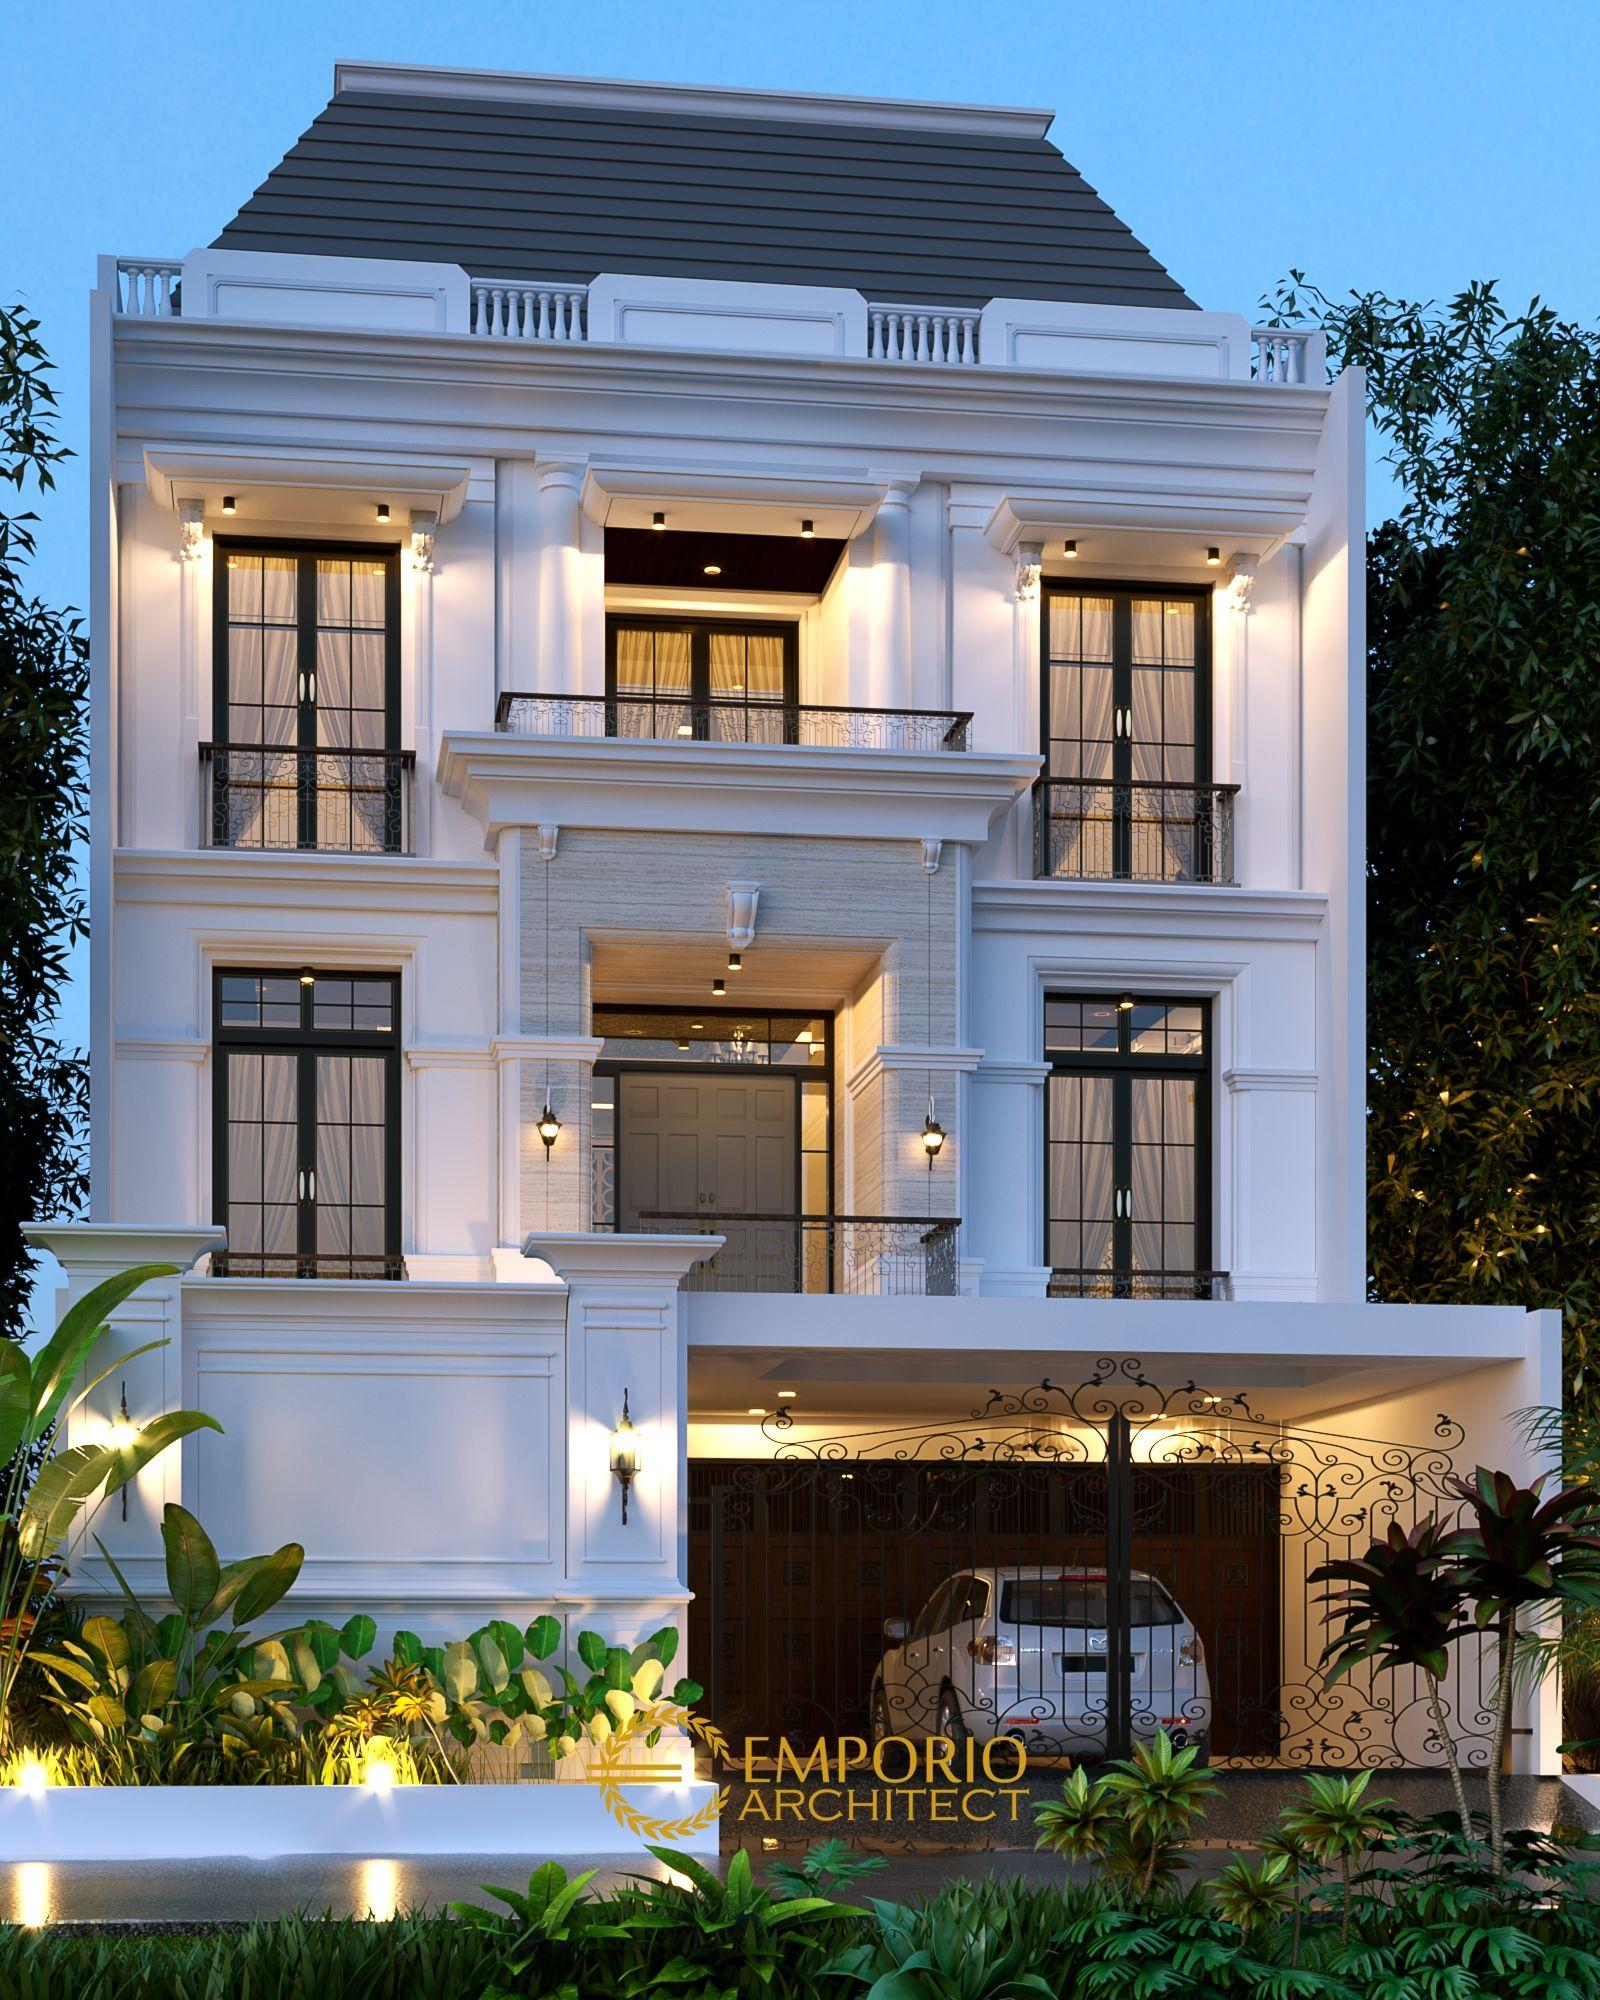 Jasa Arsitek Jakarta Desain Rumah Ibu Juli Desain Rumah Desain Eksterior Arsitektur